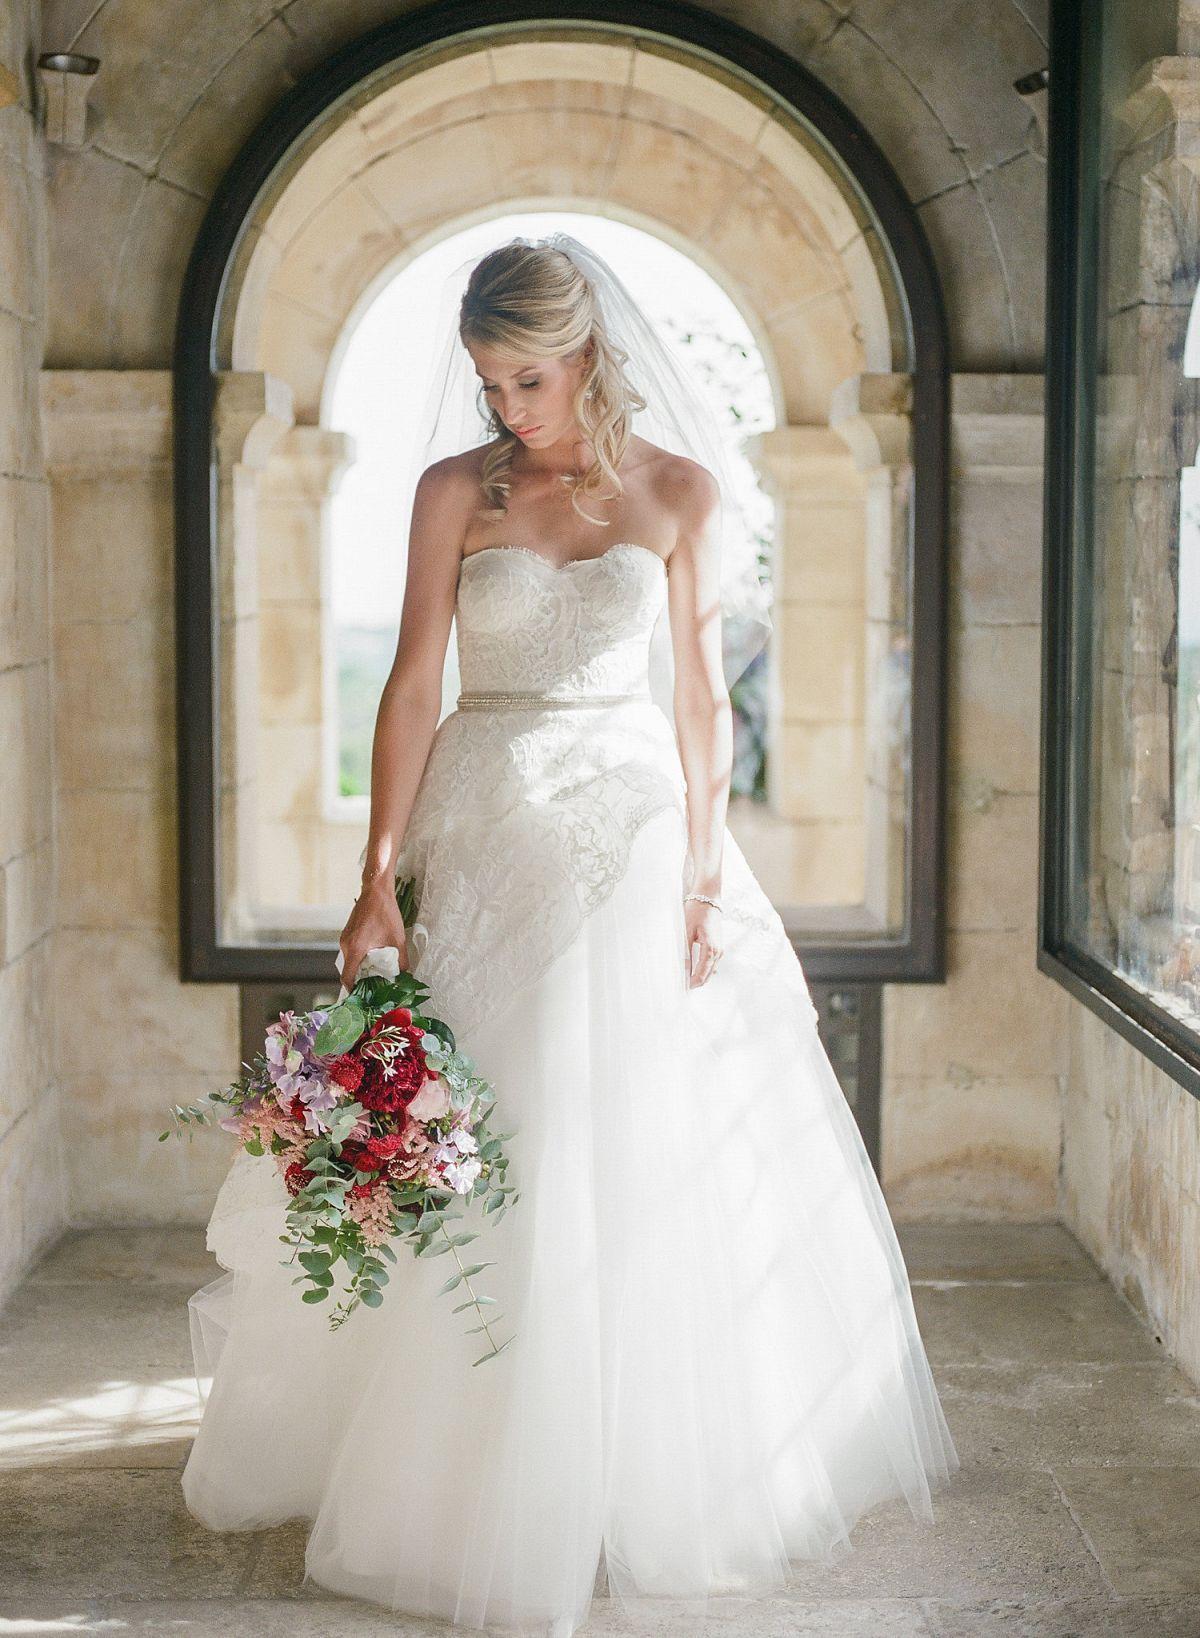 とってもロマンティッグな #ウエディング #ドレス #wedding #dress